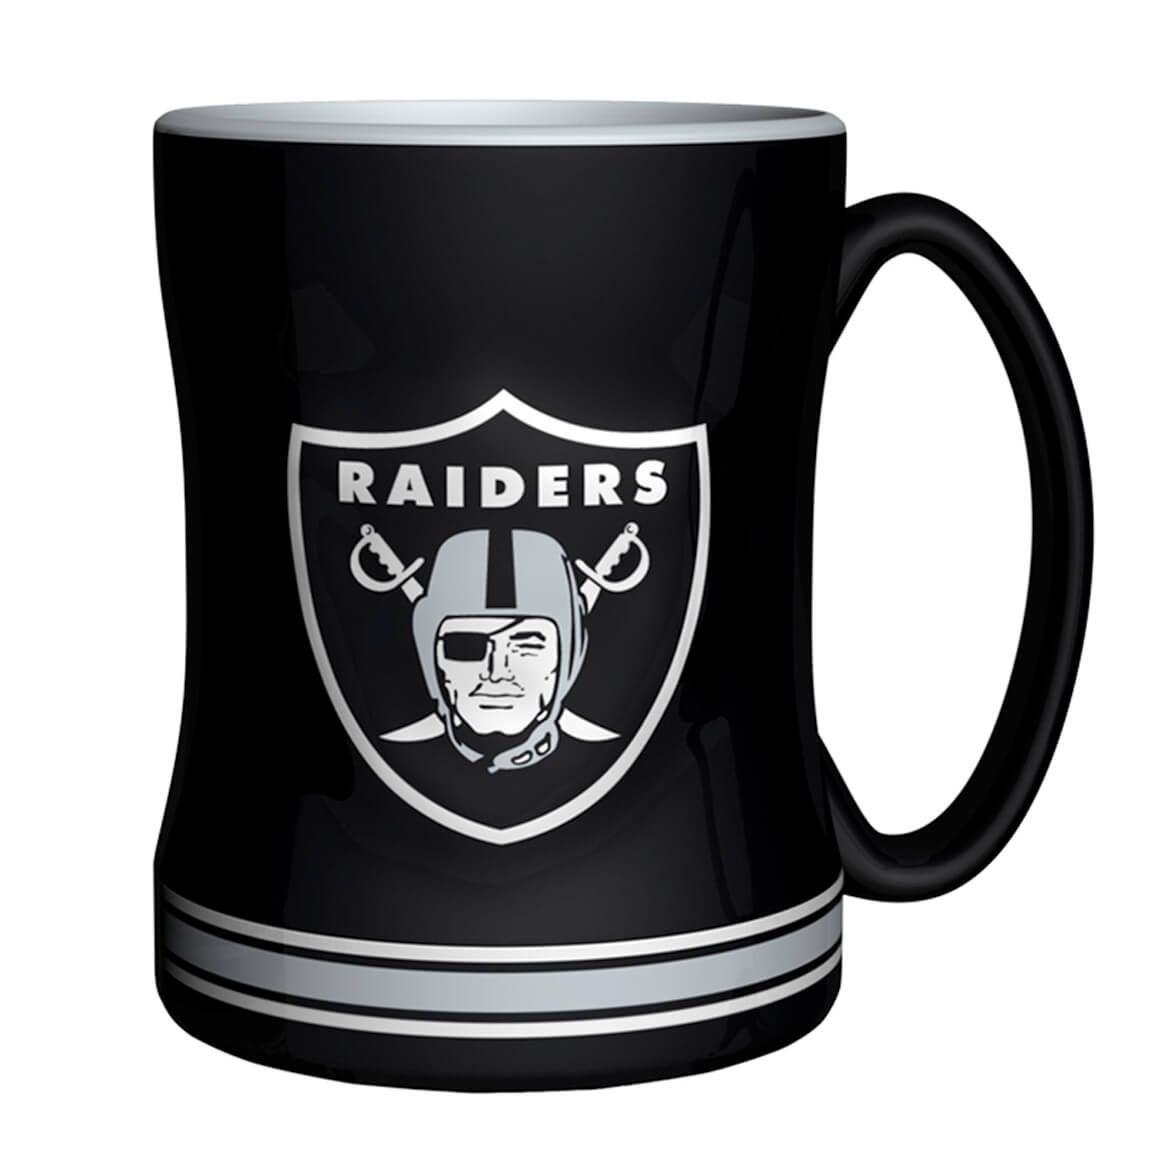 NFL Ceramic Mug-339985